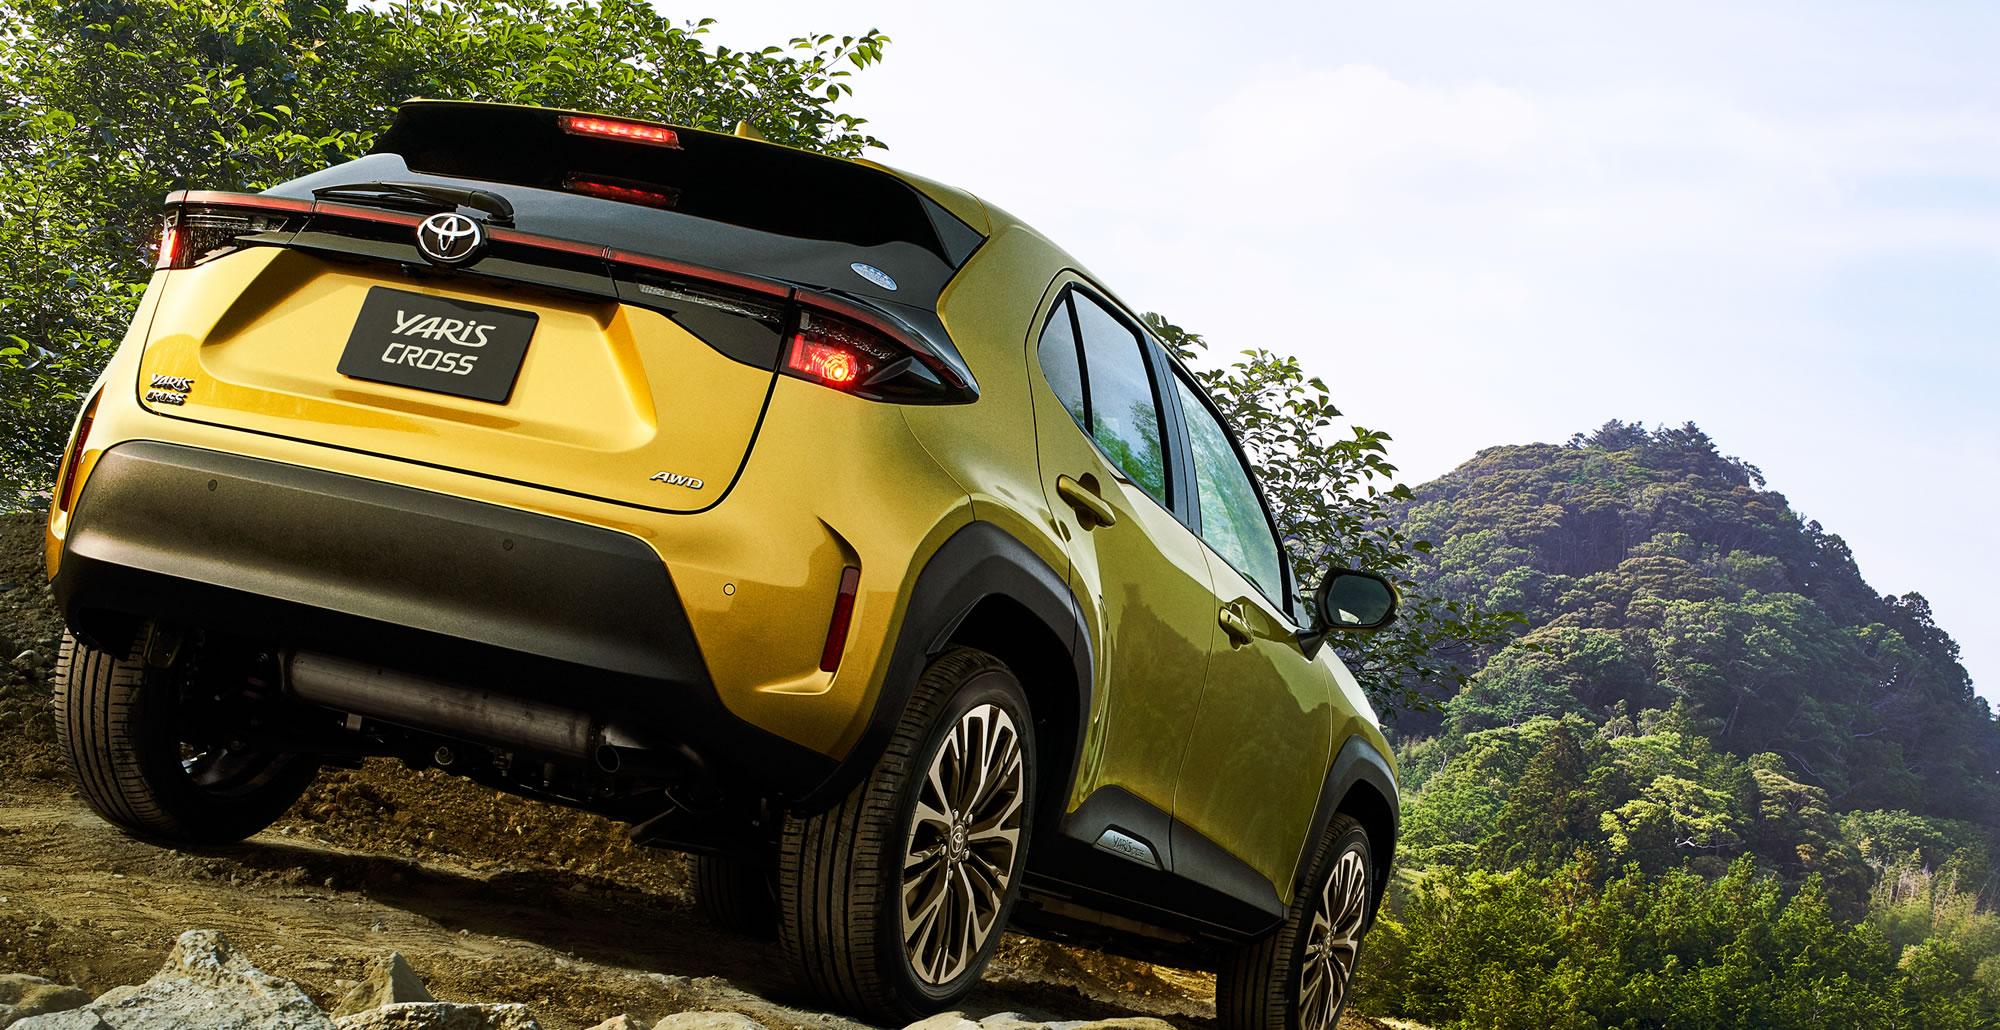 Z(2WD)。ボディカラーはブラスゴールドメタリック。オプション装着車。写真はプロトタイプモデルで、量産モデルとは一部仕様が異なる場合があります。